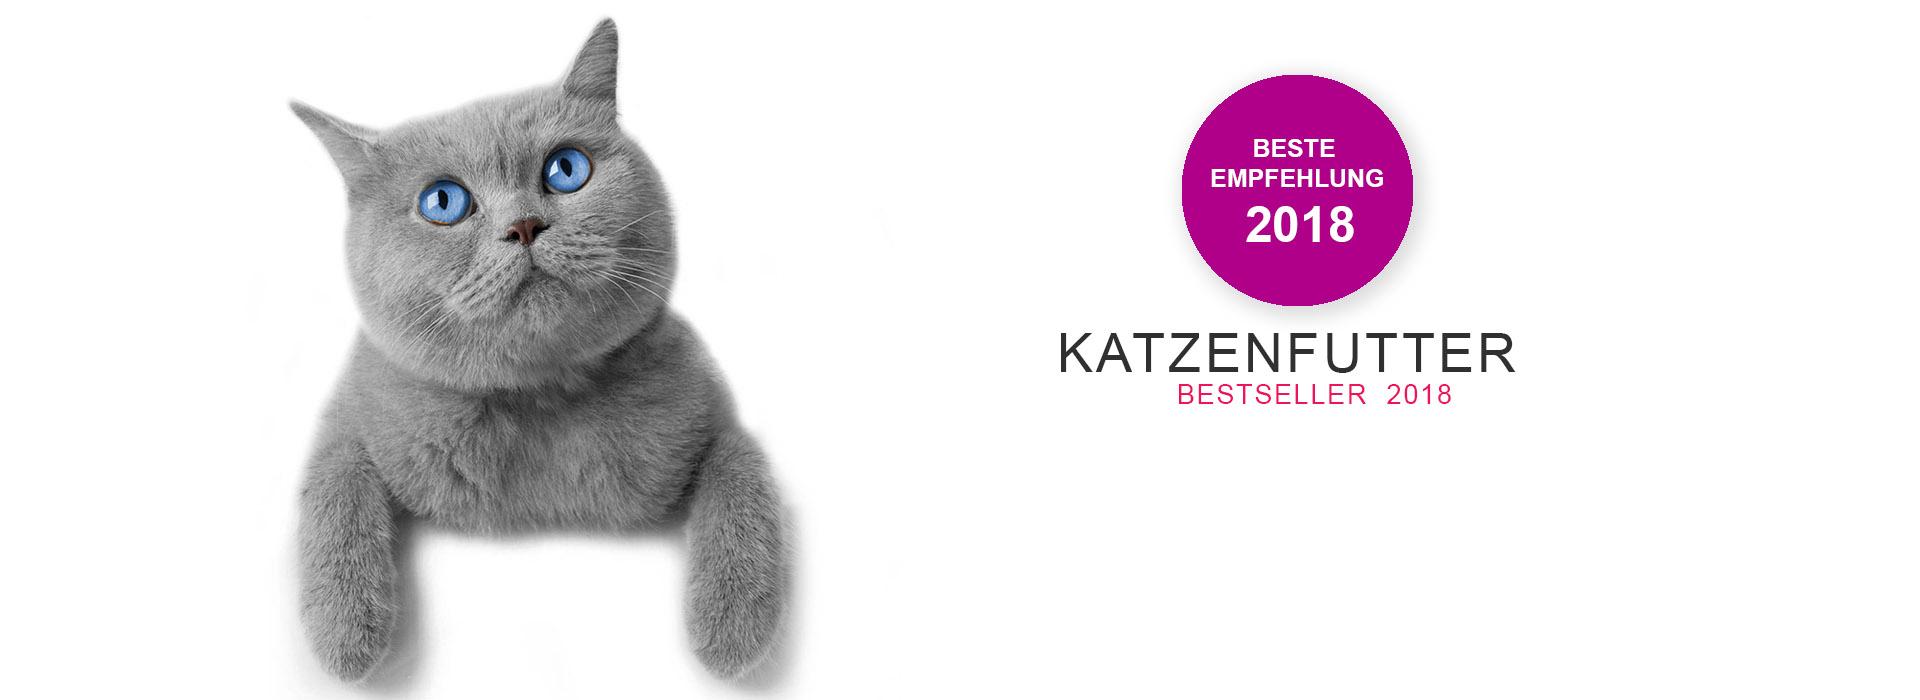 katzenfutter Testsieger 2018   Test-Vergleiche.com   Die besten katzenfutter bis zu 70% günstiger bestellen » katzenfutter günstig kaufen